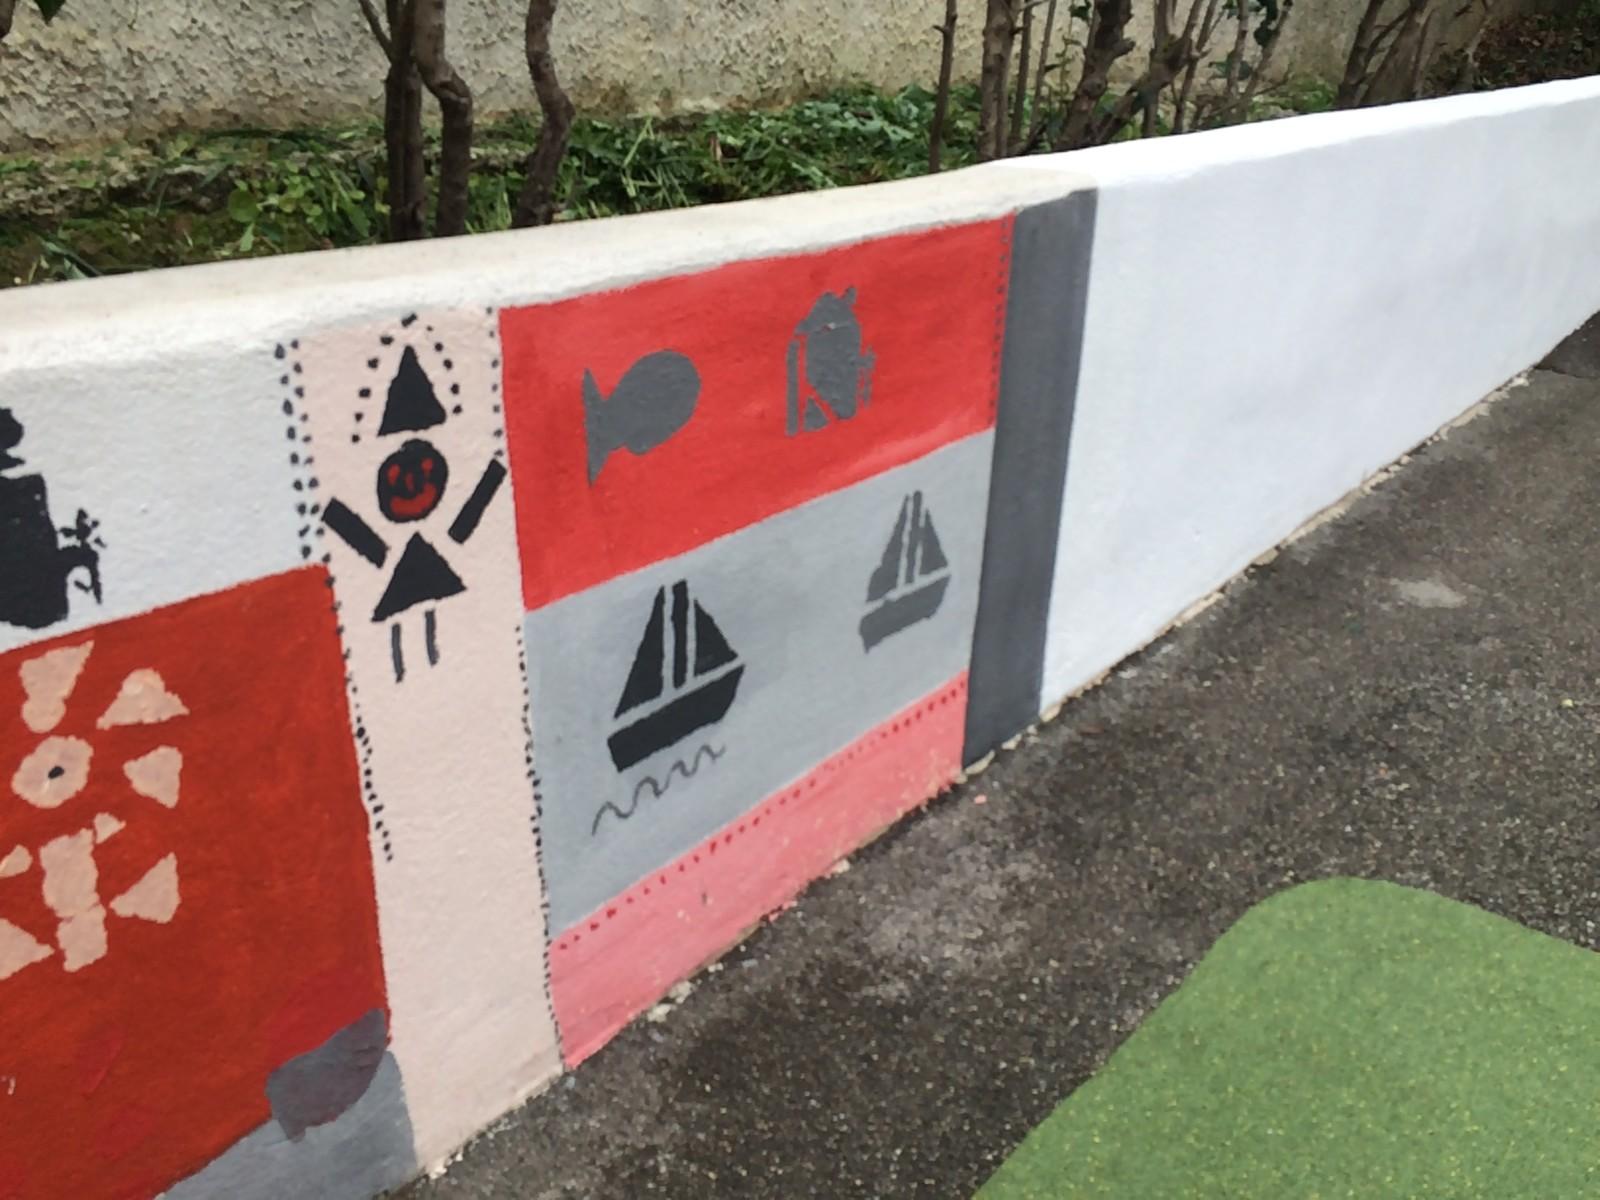 Le premier pan de mur a été réalisé par les élèves, le second le sera avec la collaboration de Kowse. ©MD